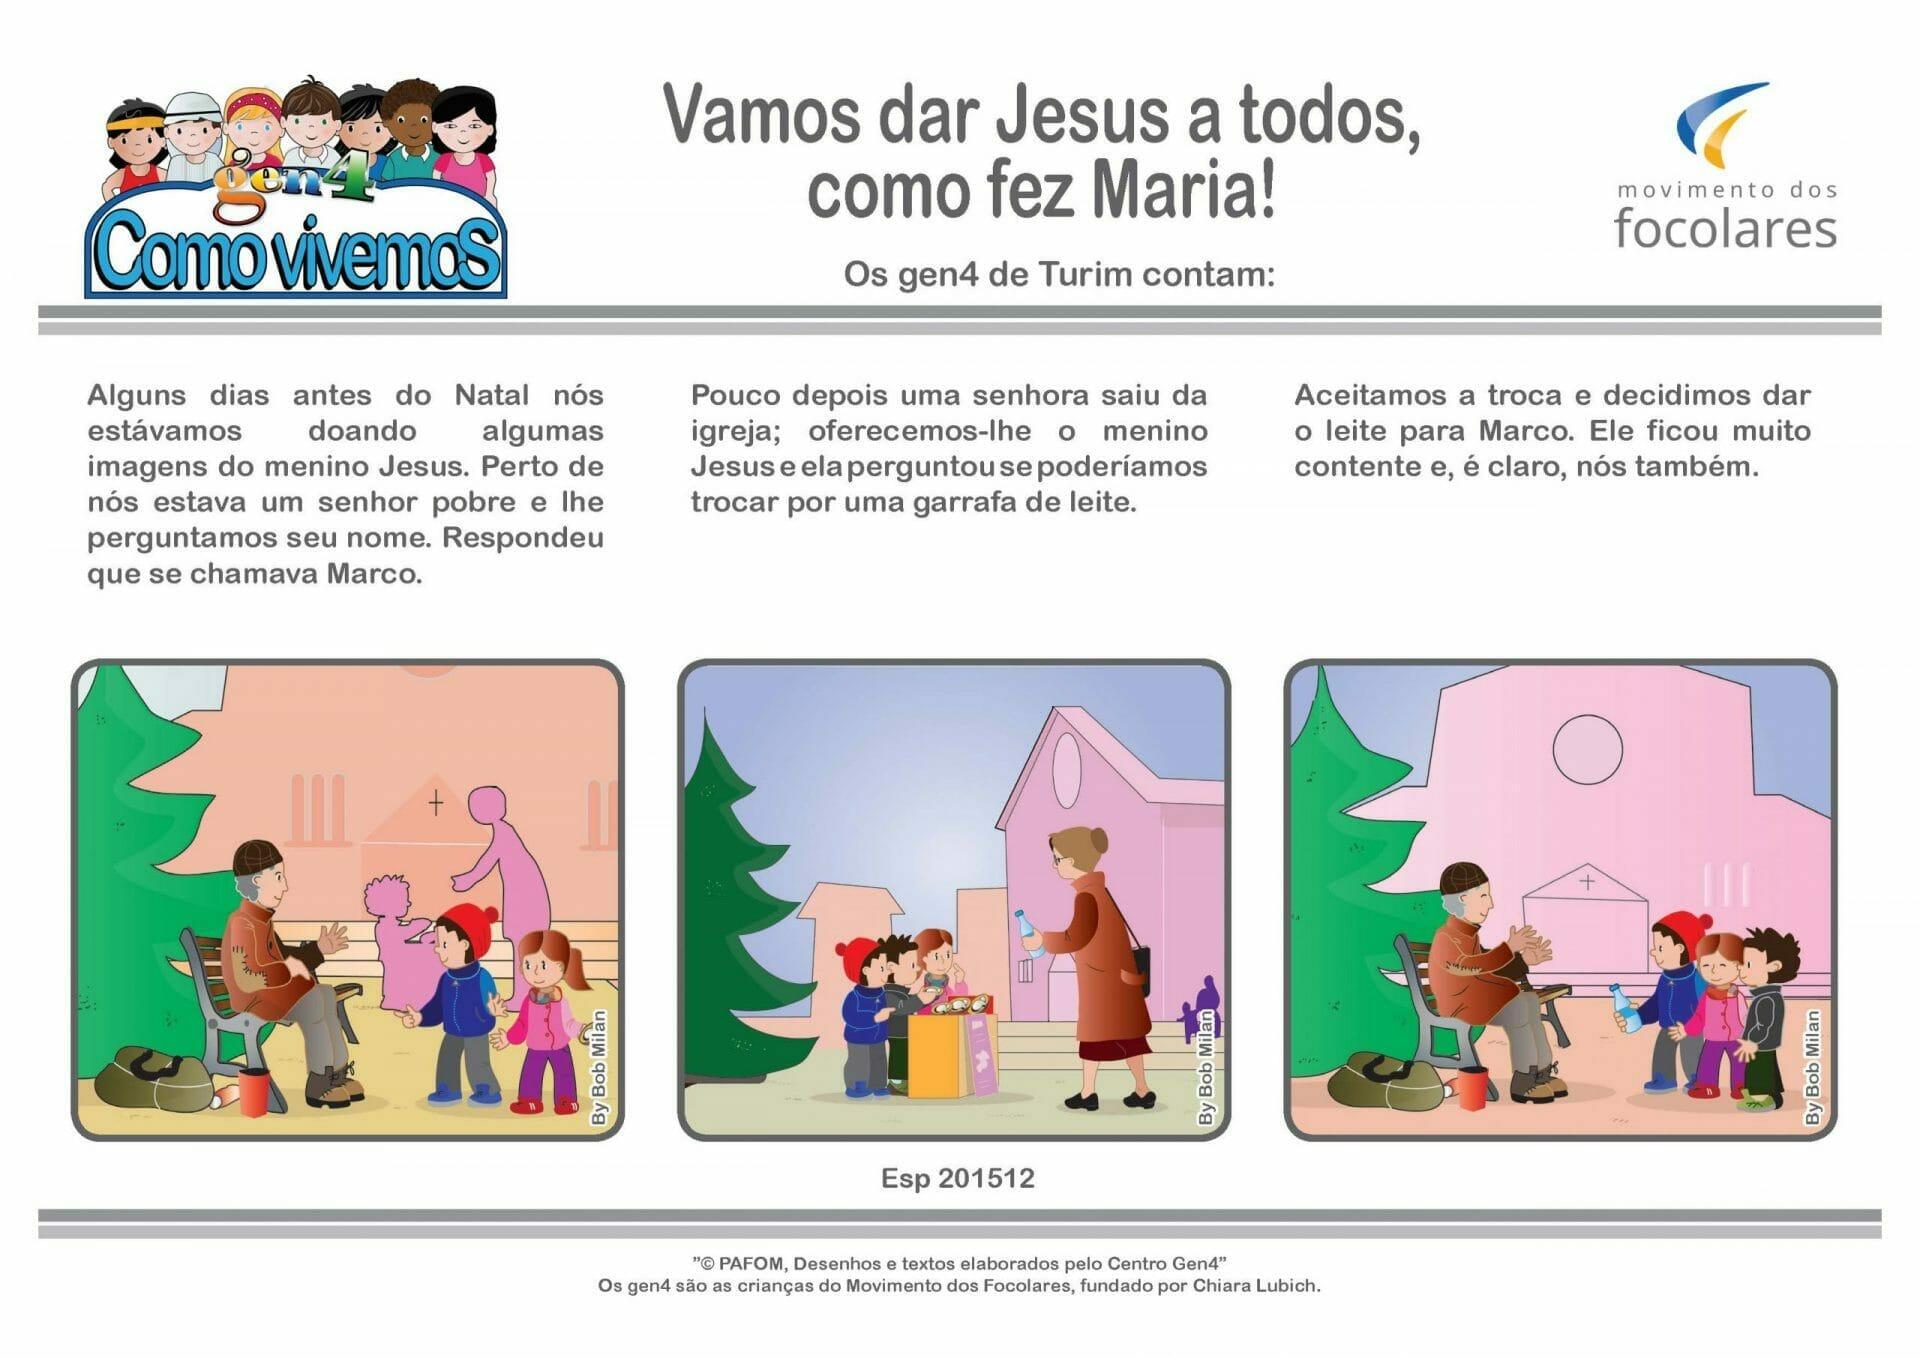 Vamos dar Jesus a todos, como fez Maria